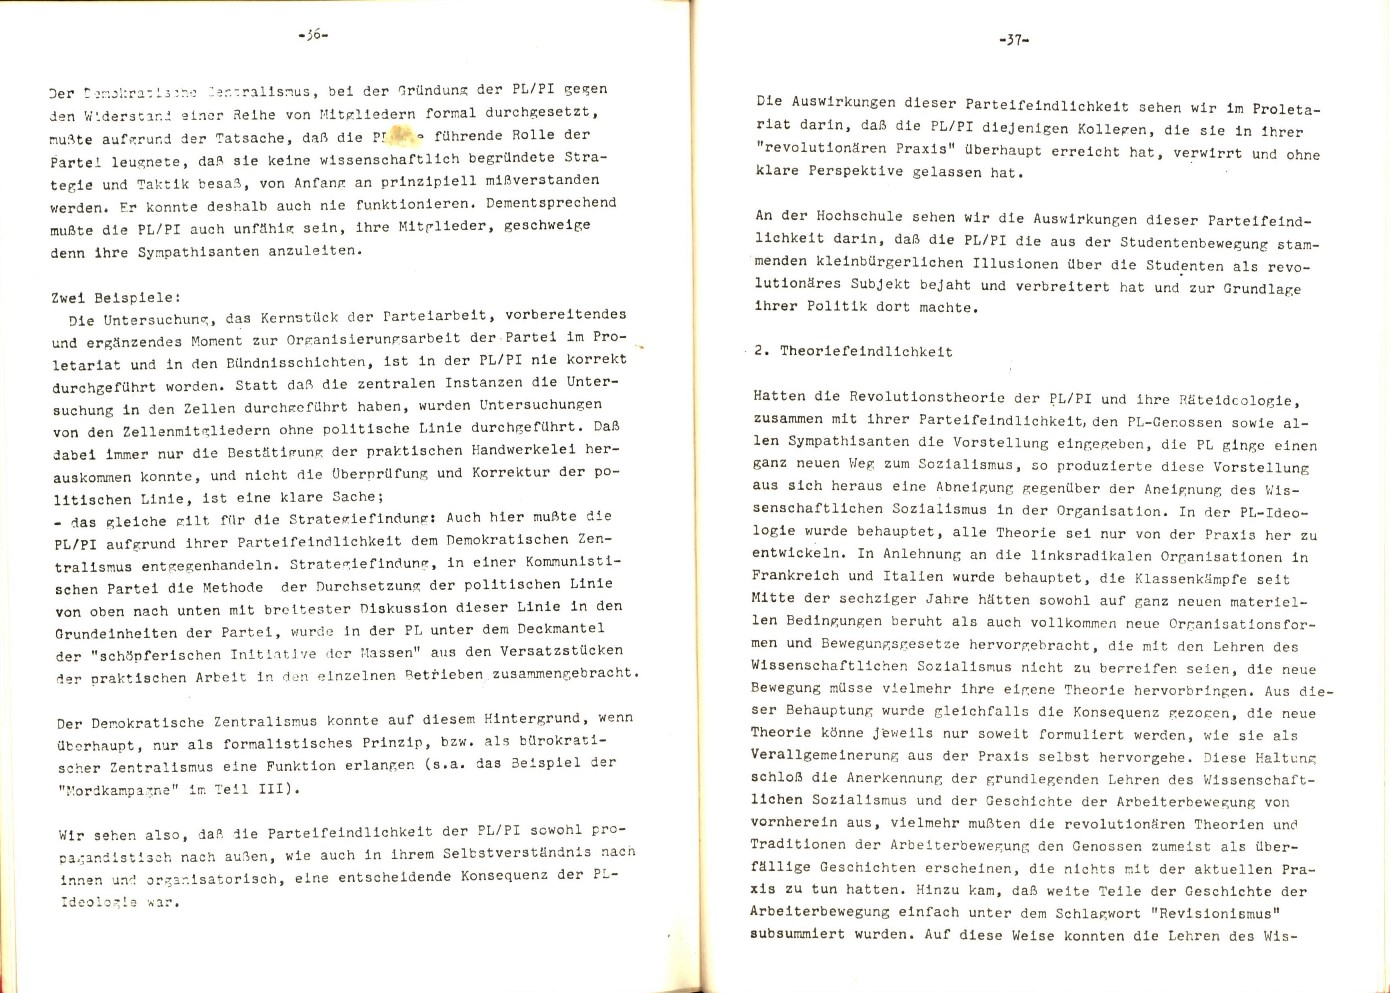 PLPI_1971_Aufloesung_21